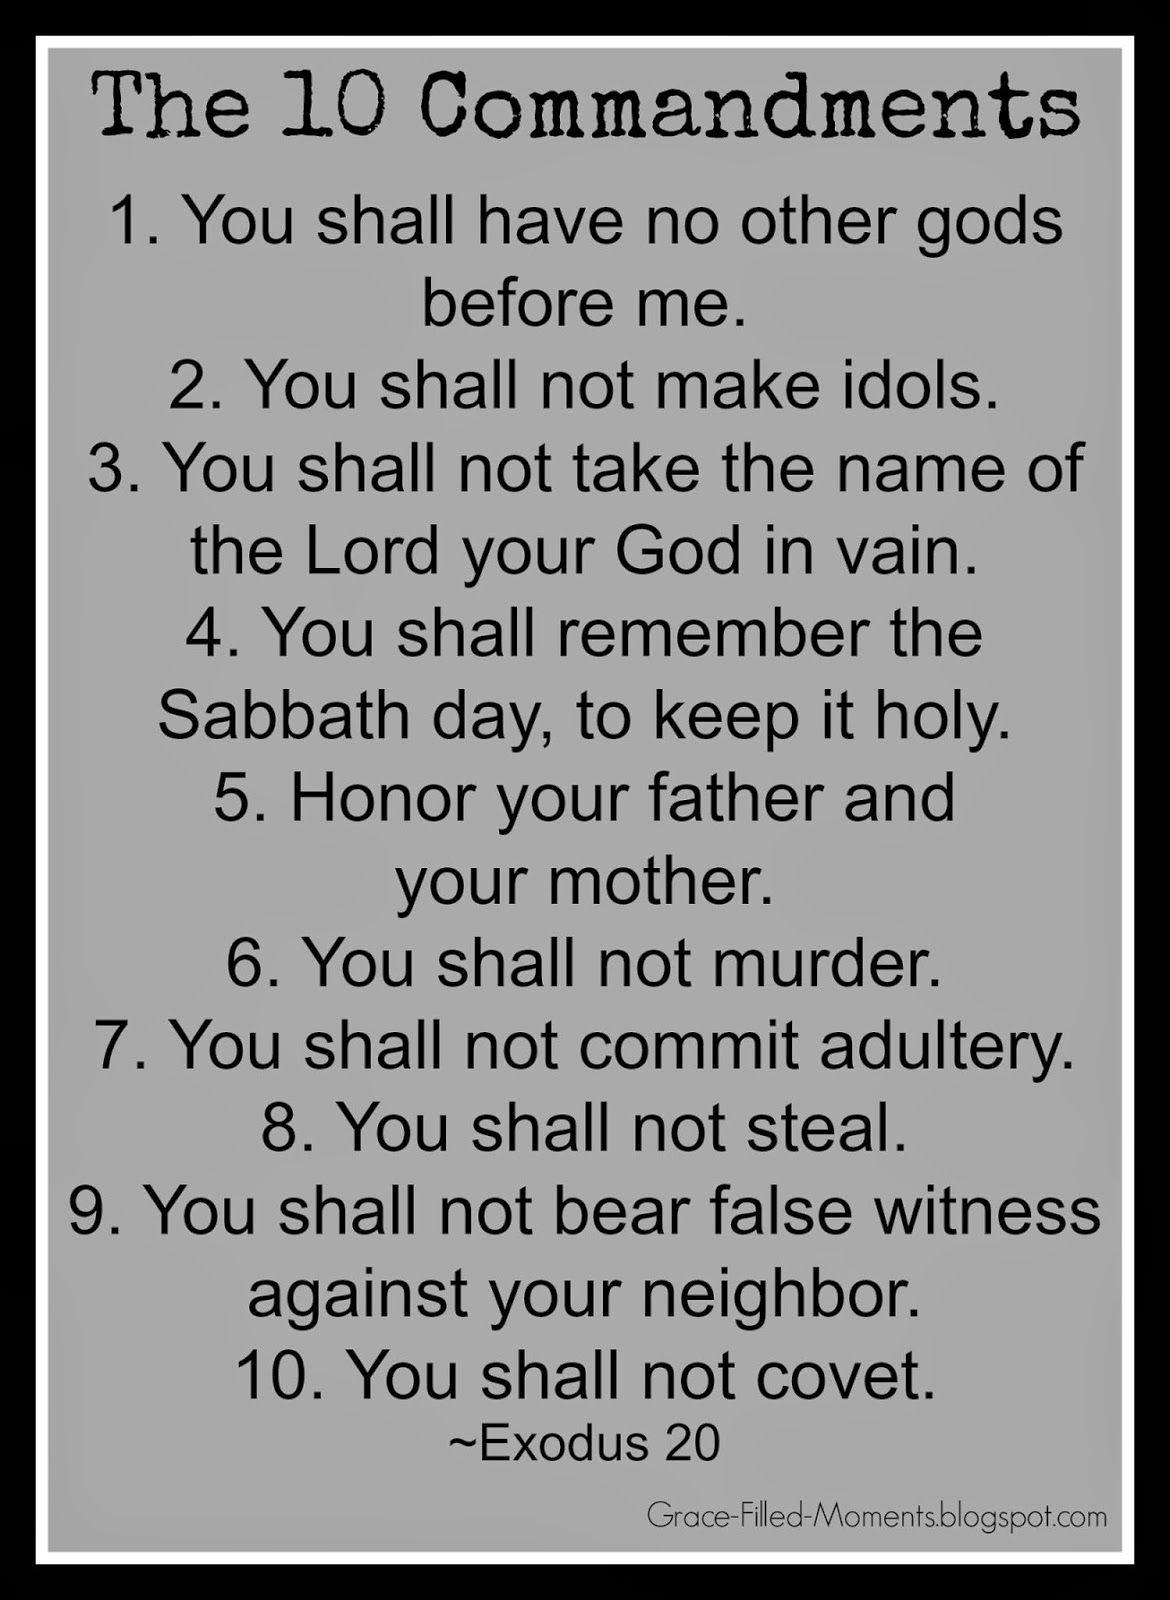 The Ten Commandments List